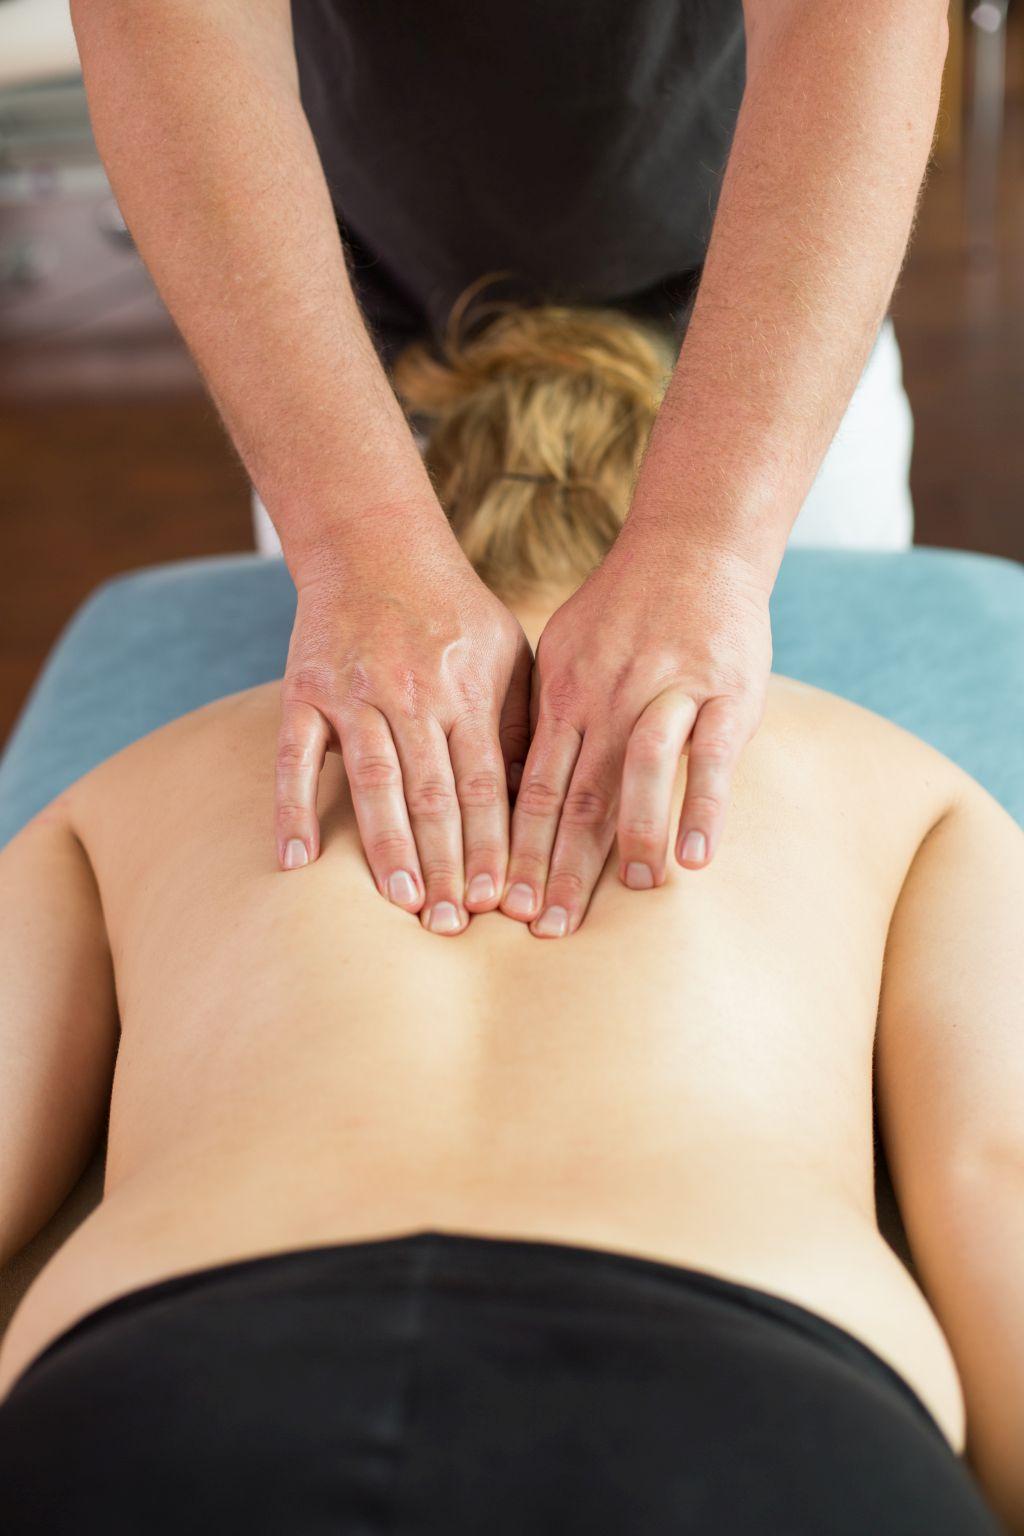 Das Foto zeigt Faszientherapeut Patrick Nehmzow bei der Wirbelbehandlung im Rückenbereich als Teil der Faszientherapie zur Schmerztherapie